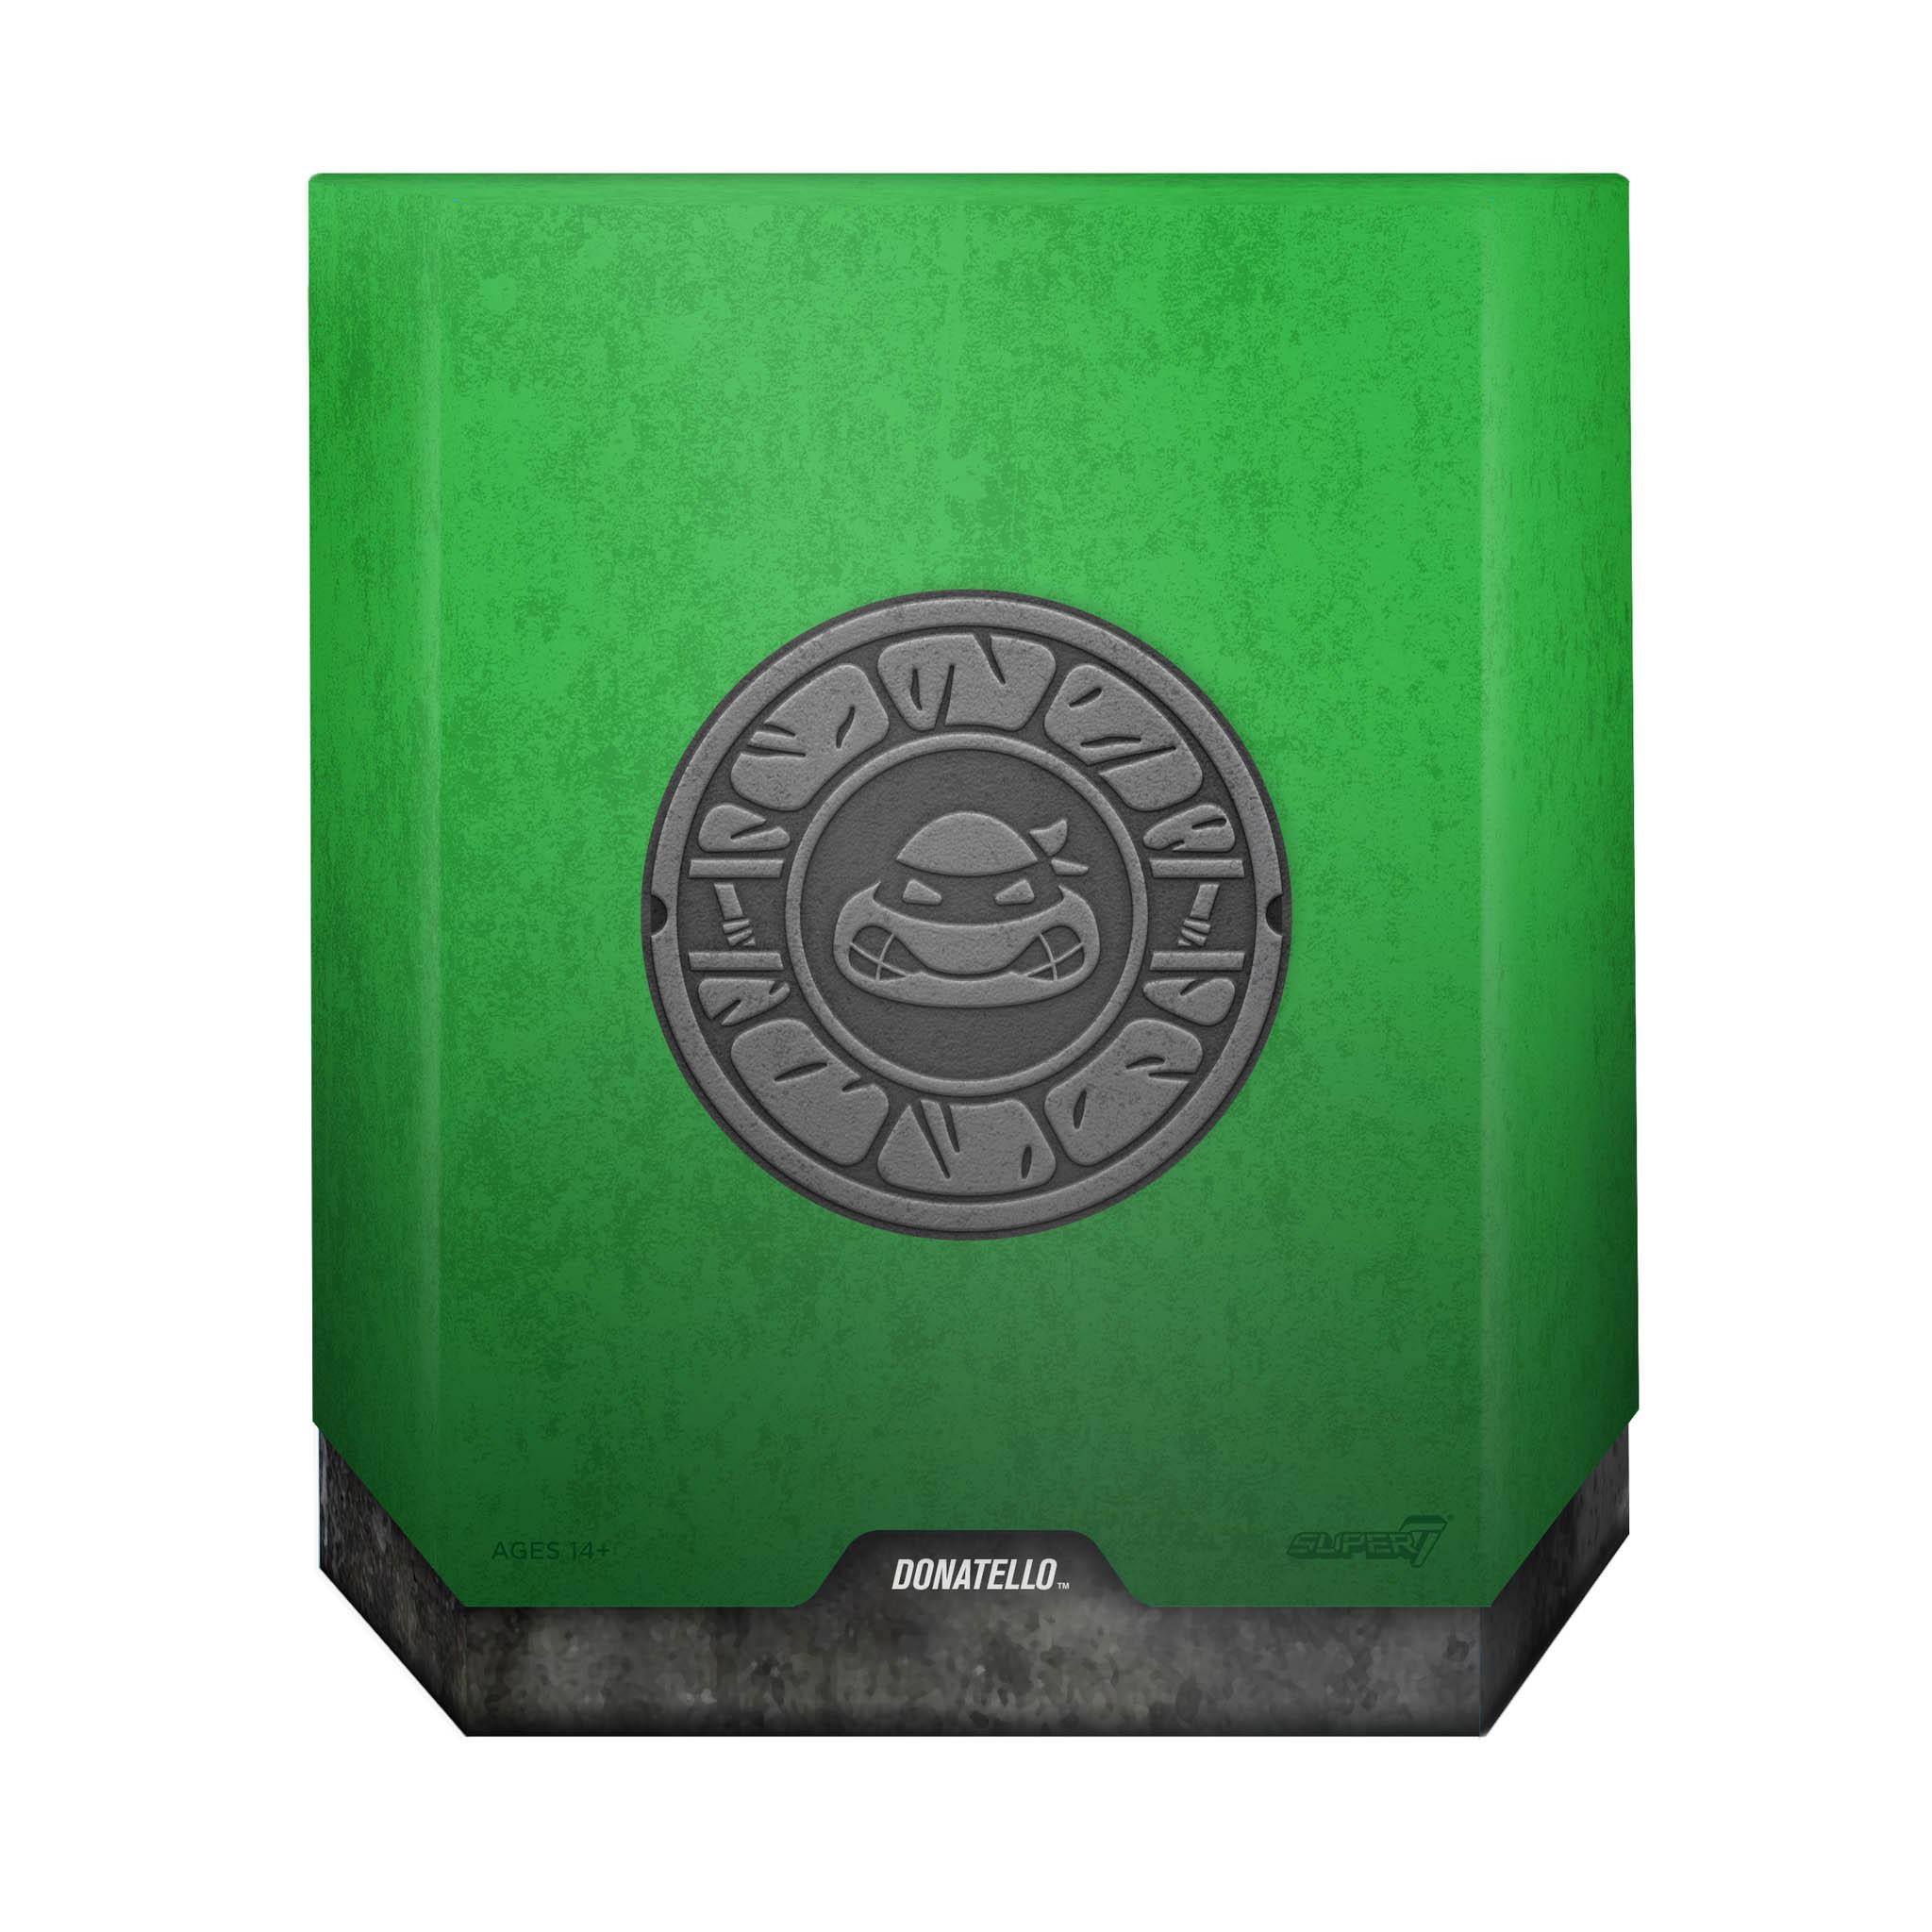 Super7-TMNT-Ultimates-Donatello-002